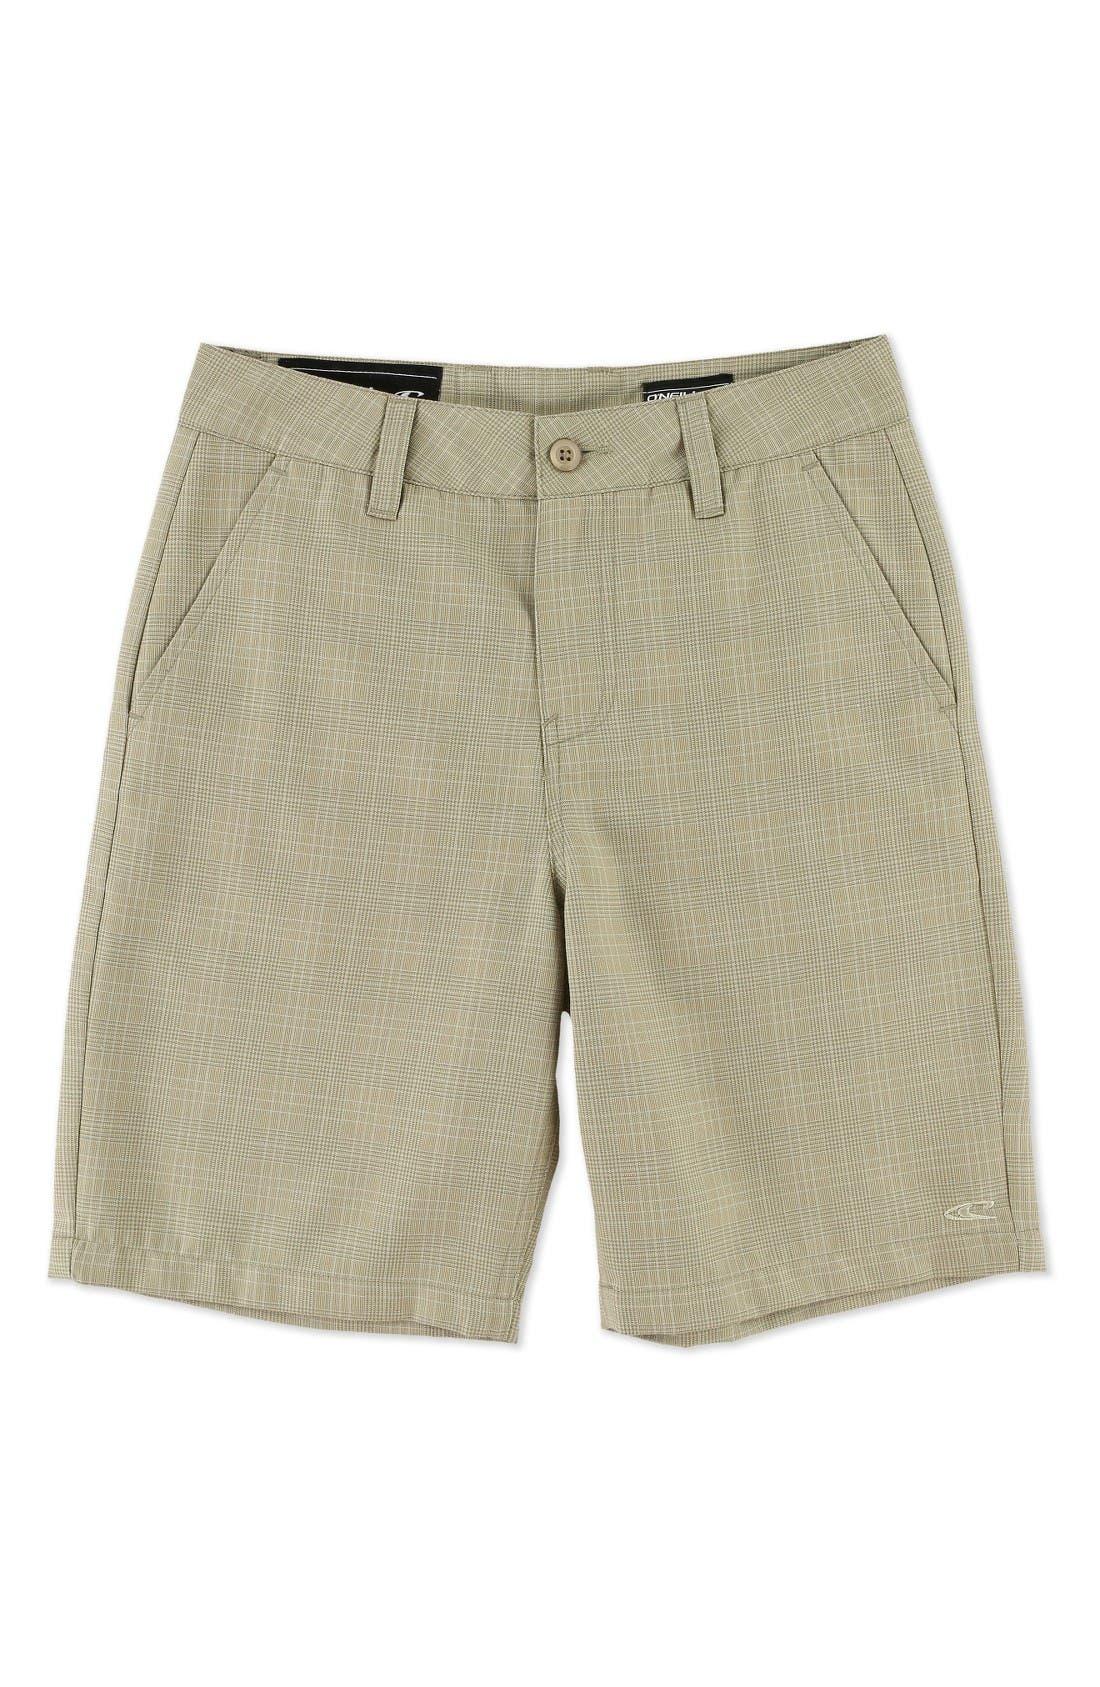 Delta Plaid Chino Shorts,                             Main thumbnail 1, color,                             Dark Stone